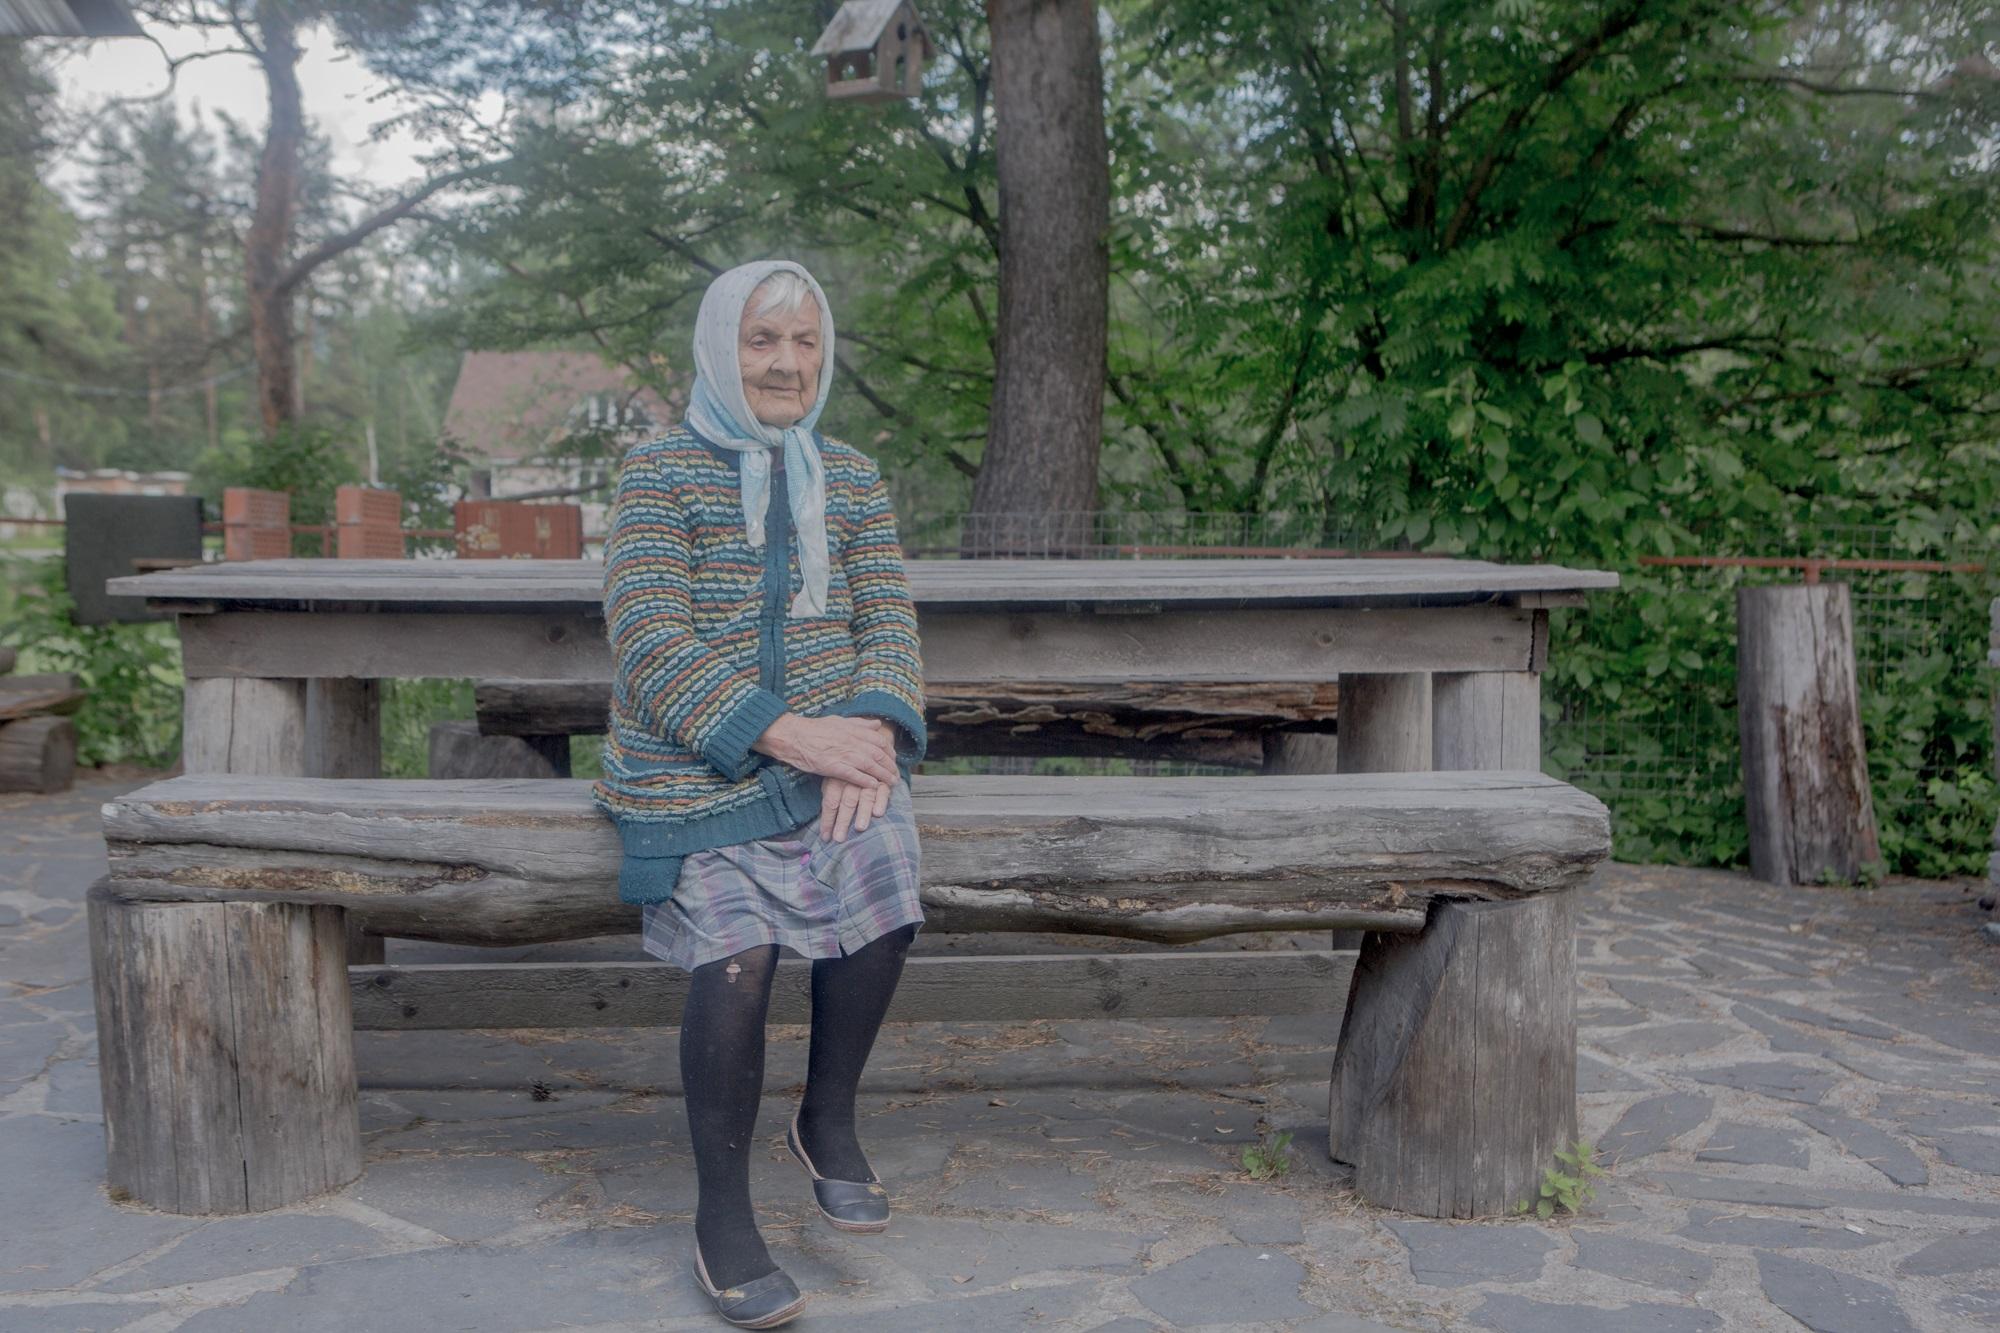 """Taissija Fjodorowna auf dem Gelände des Hotels """"Medweshonok"""" (dt. """"Bärchen"""") in Medweshjegorsk / Foto © Anna Ivantsova"""